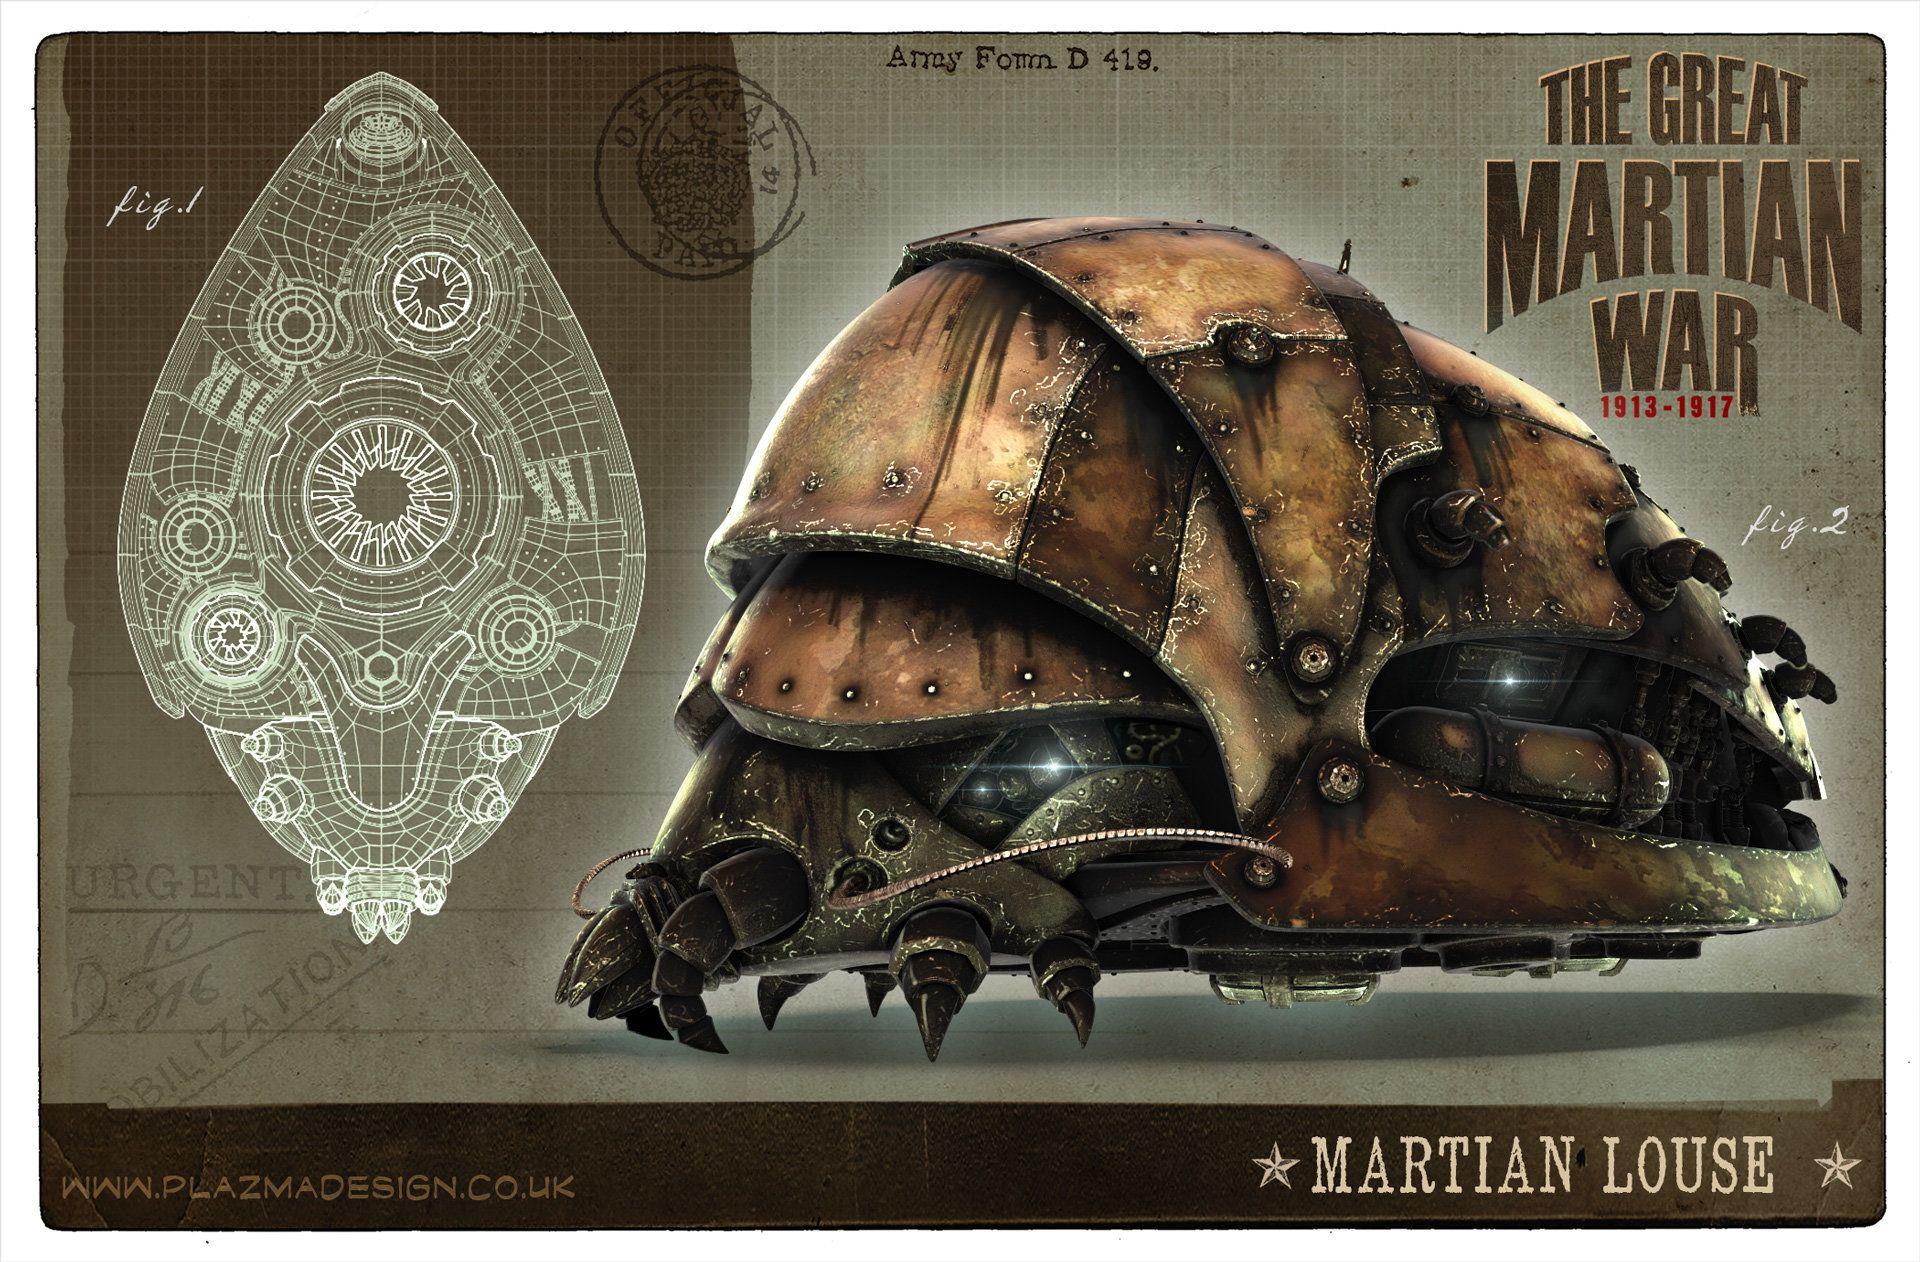 ArtStation - Martian Louse, Christian Johnson | War of the ...